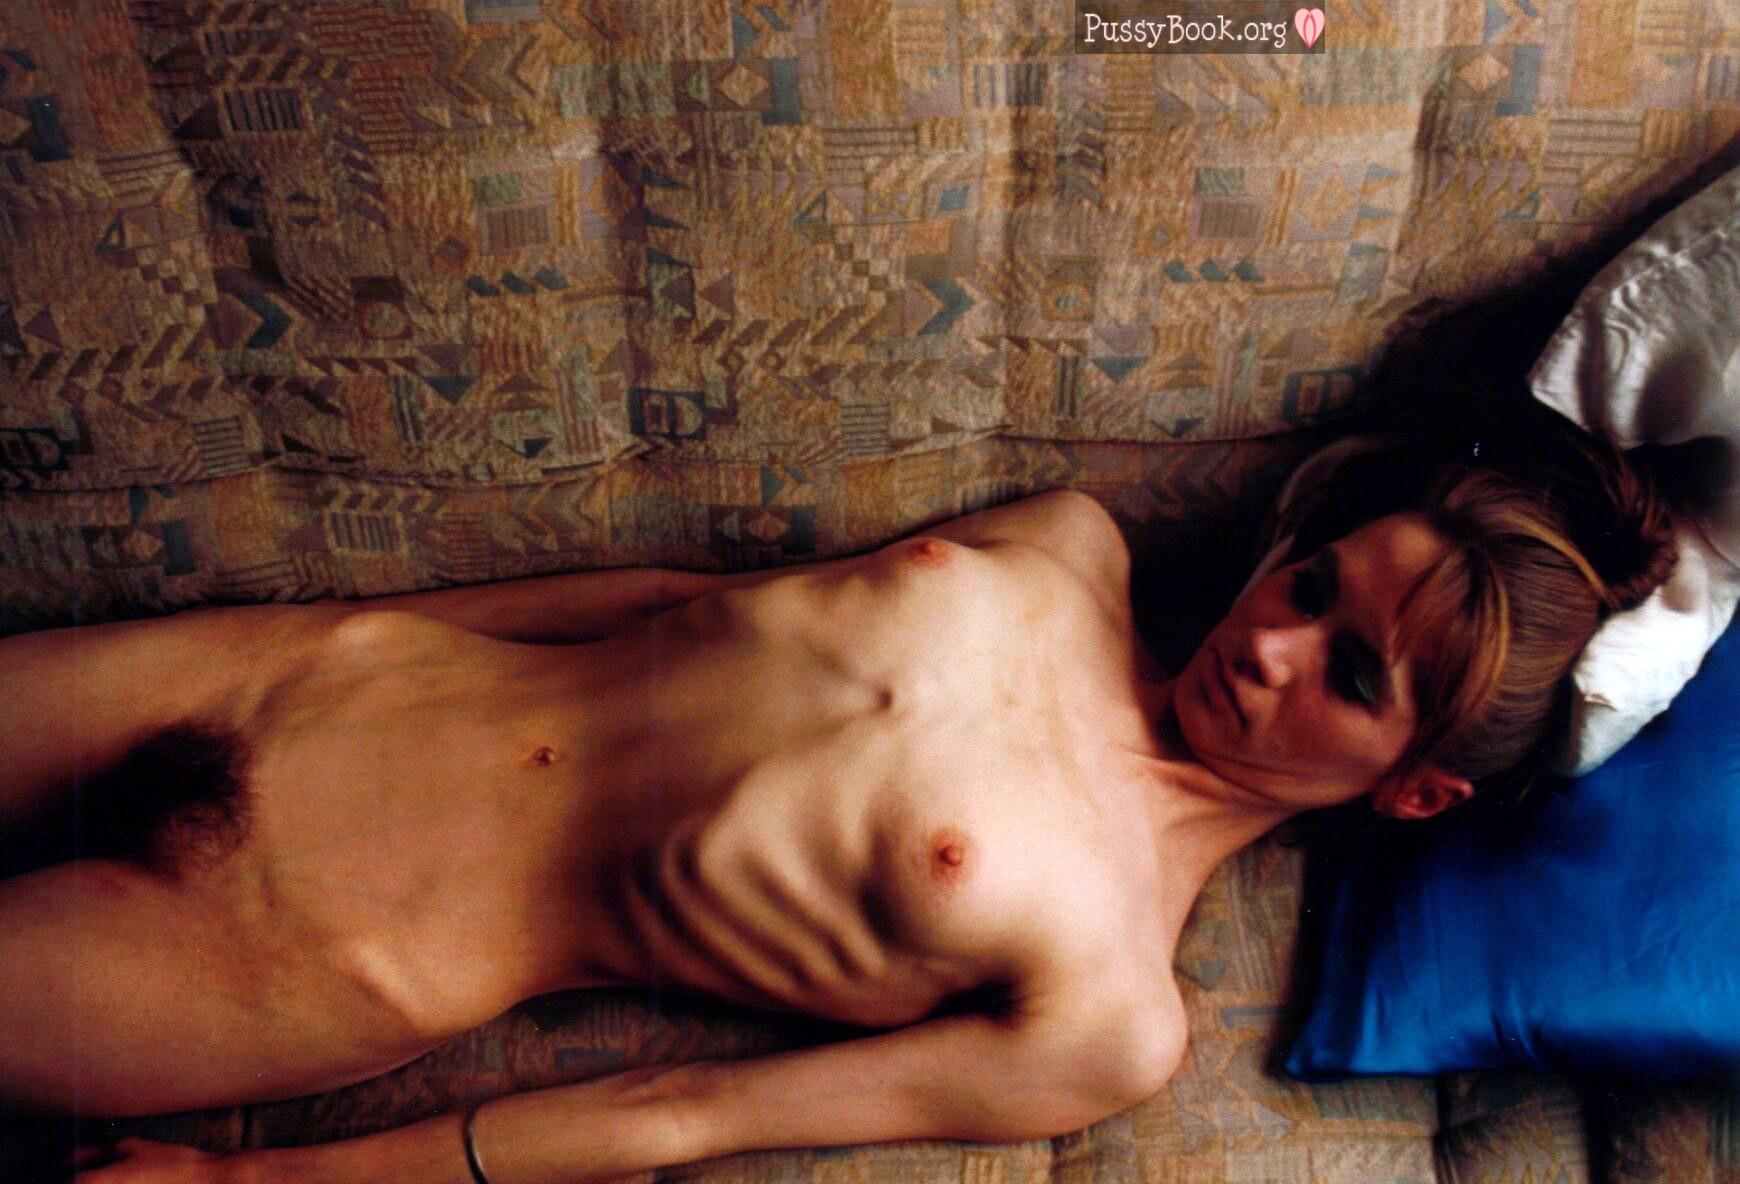 фото секса самой худой девушки в мире - 8